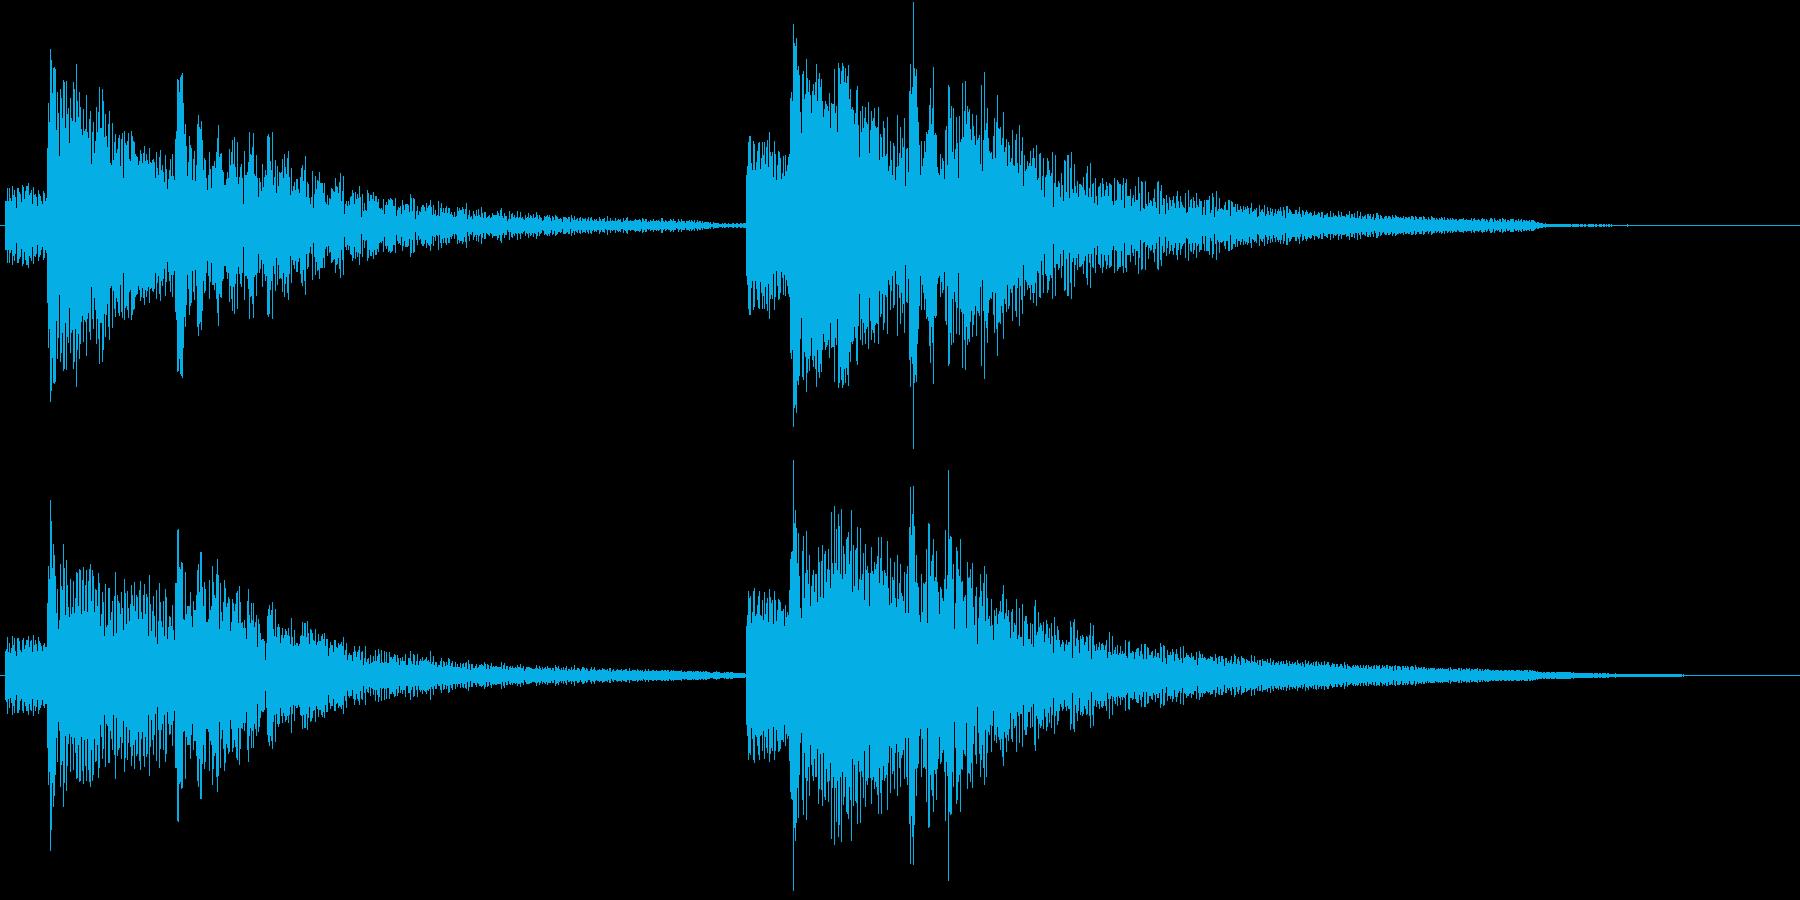 ギターによる分散和音(まったり)の再生済みの波形